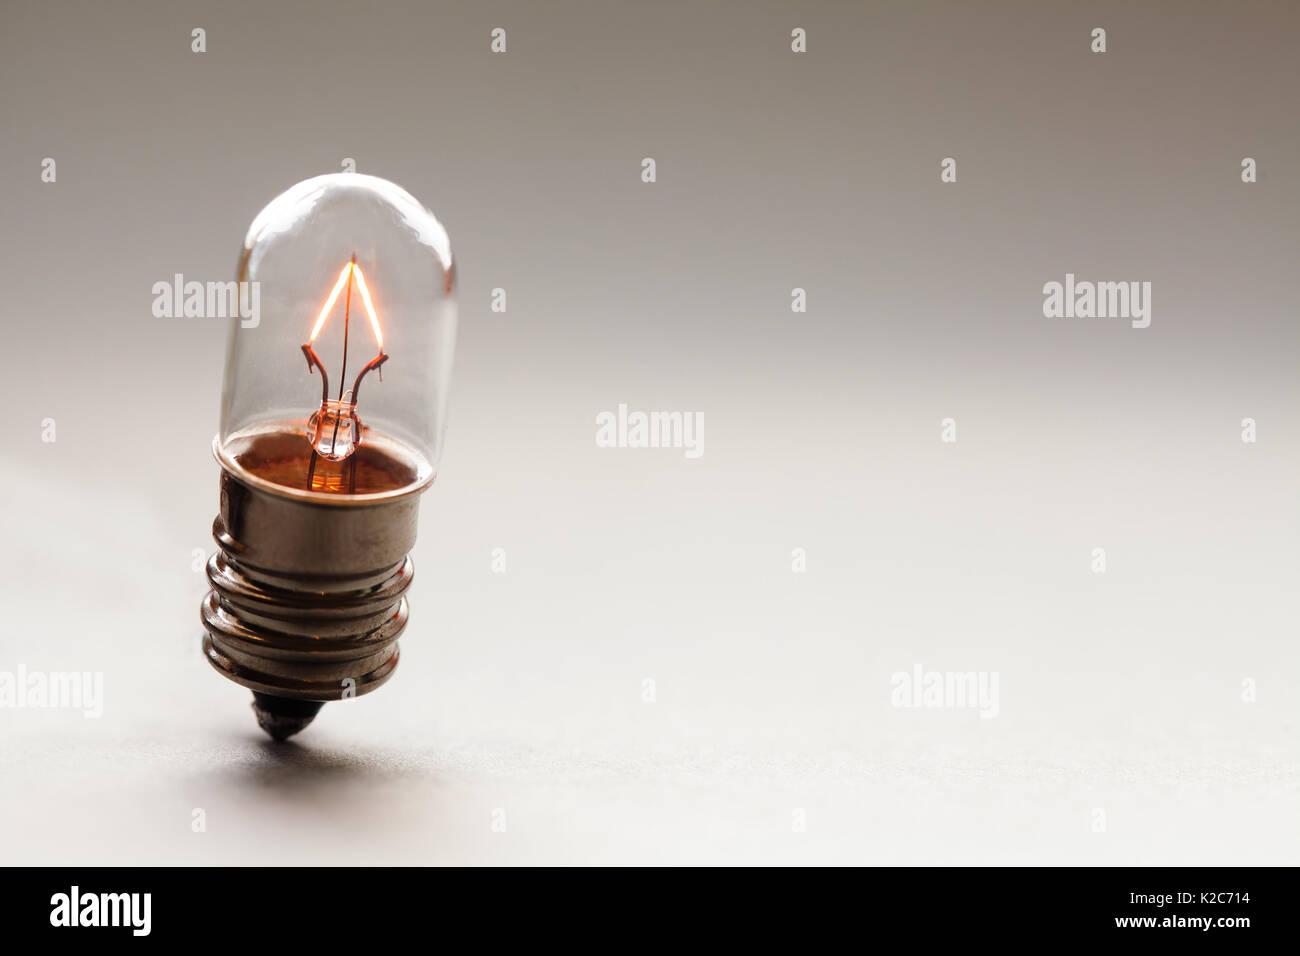 Luce incandescente lampadina, stile retrò lampada vista macro. Colori caldi gradiente dello sfondo. Soft focus. Spazio di copia Immagini Stock